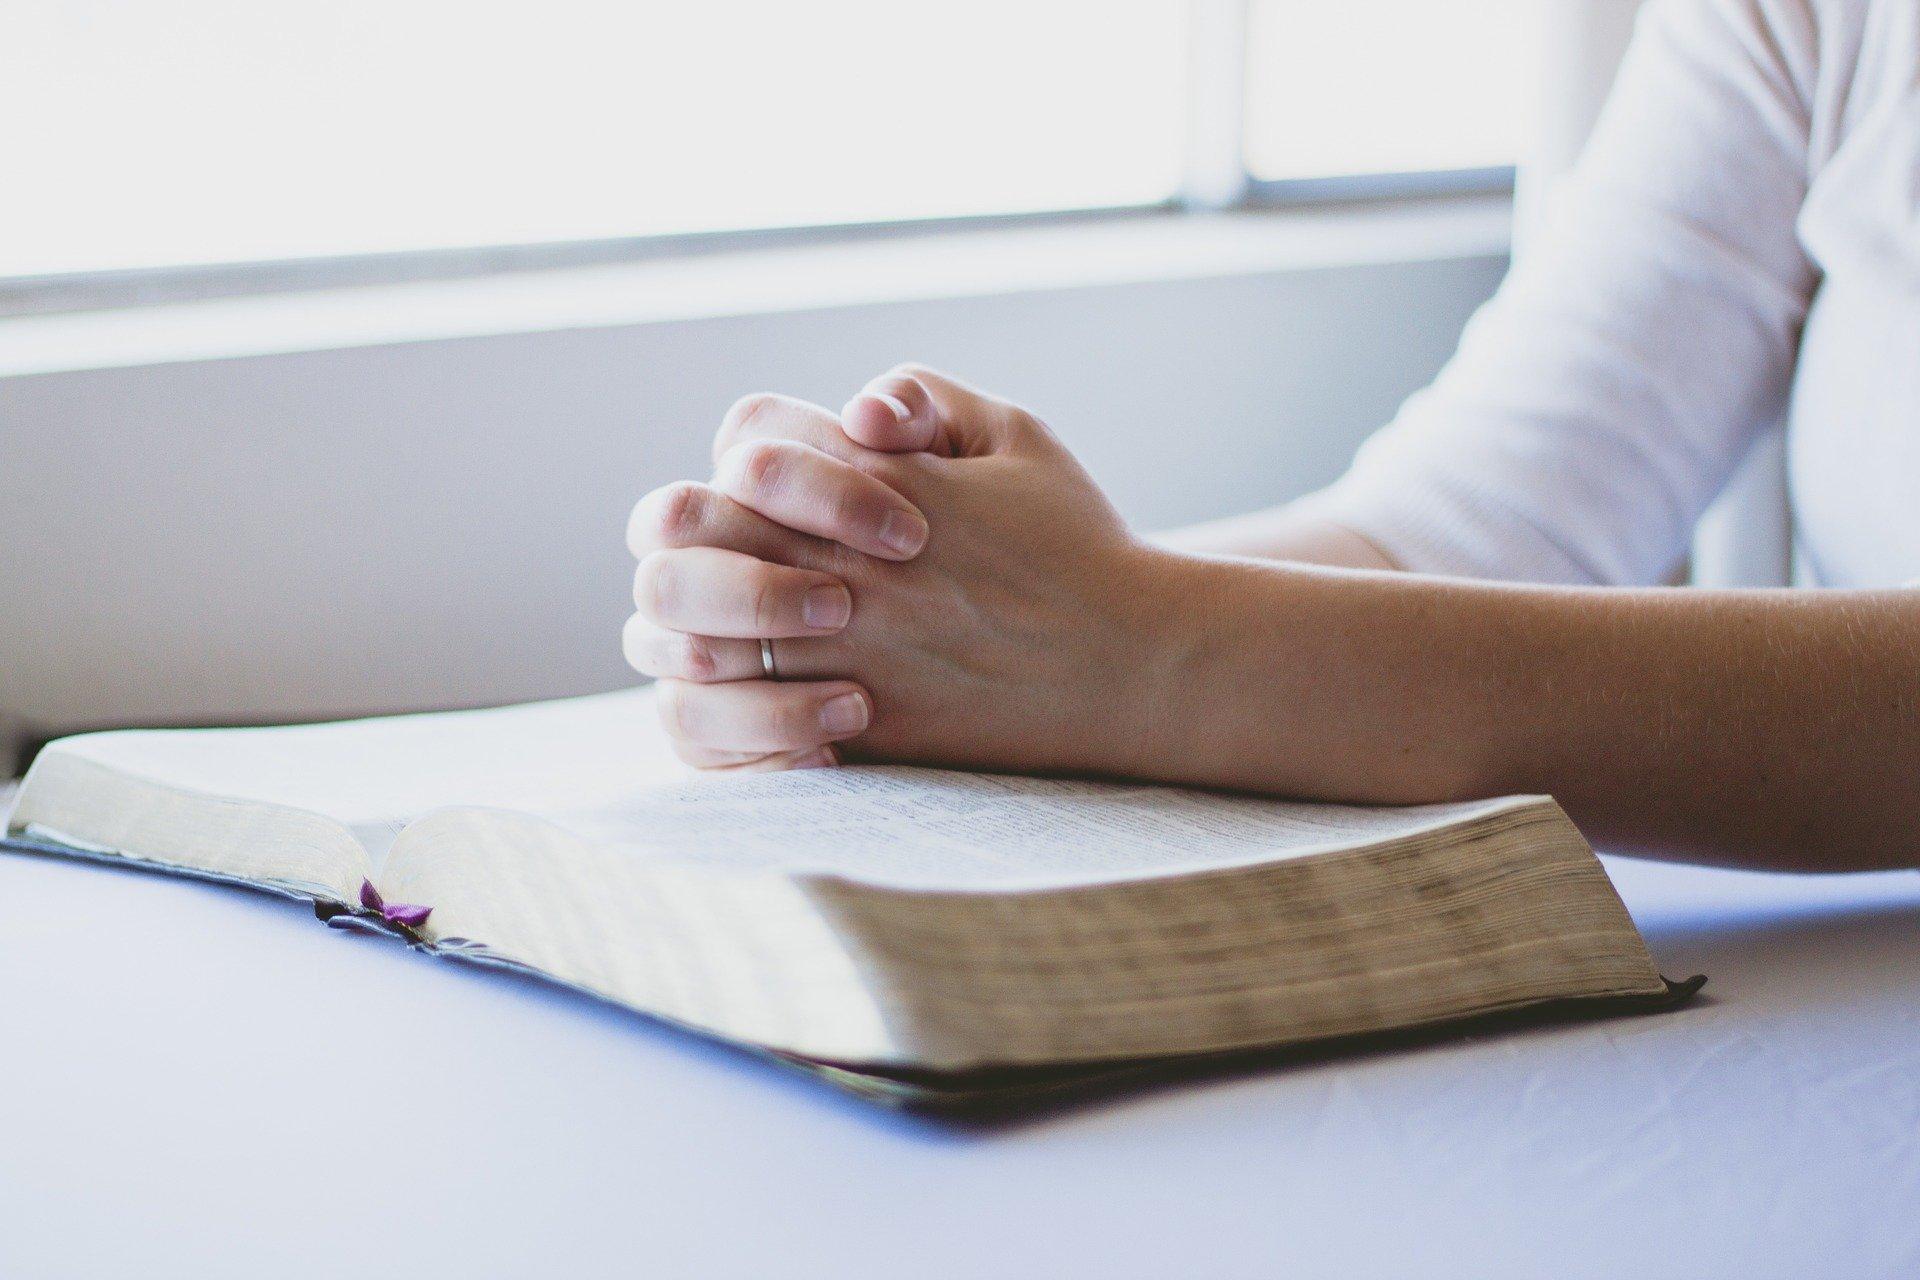 osszekulcsolt kezek biblia nyitott konyv